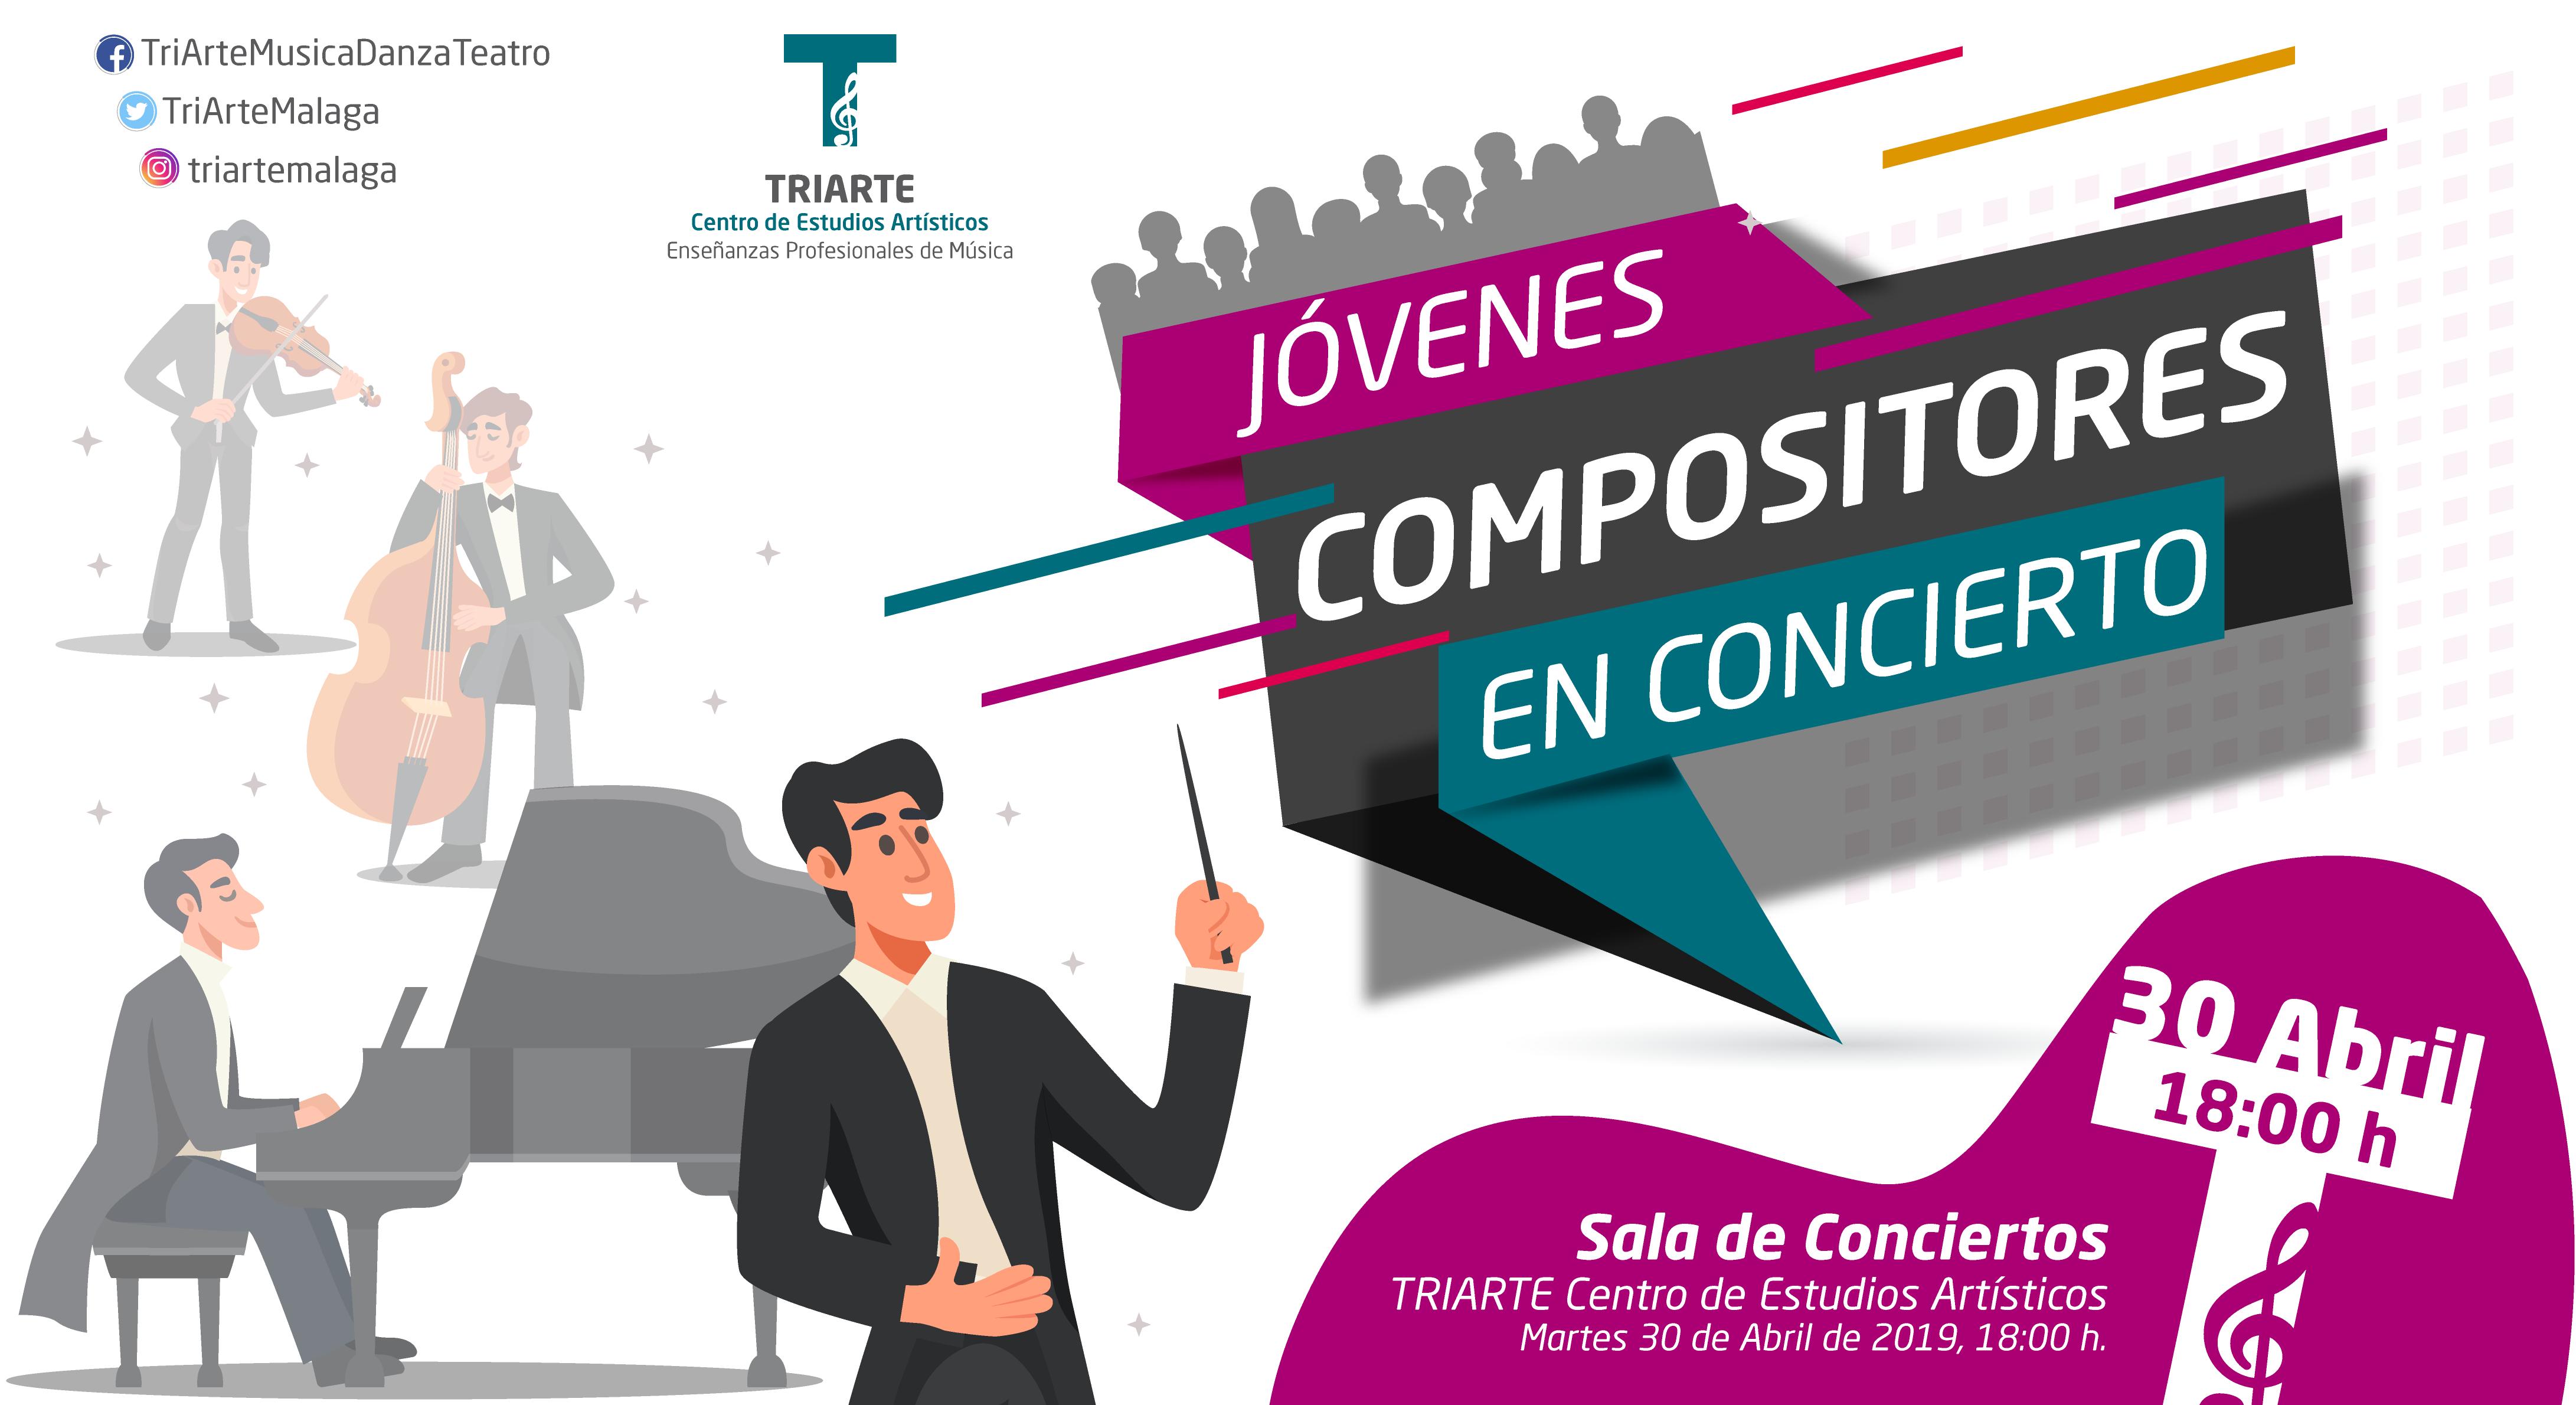 Concierto: Jóvenes Compositores en Concierto